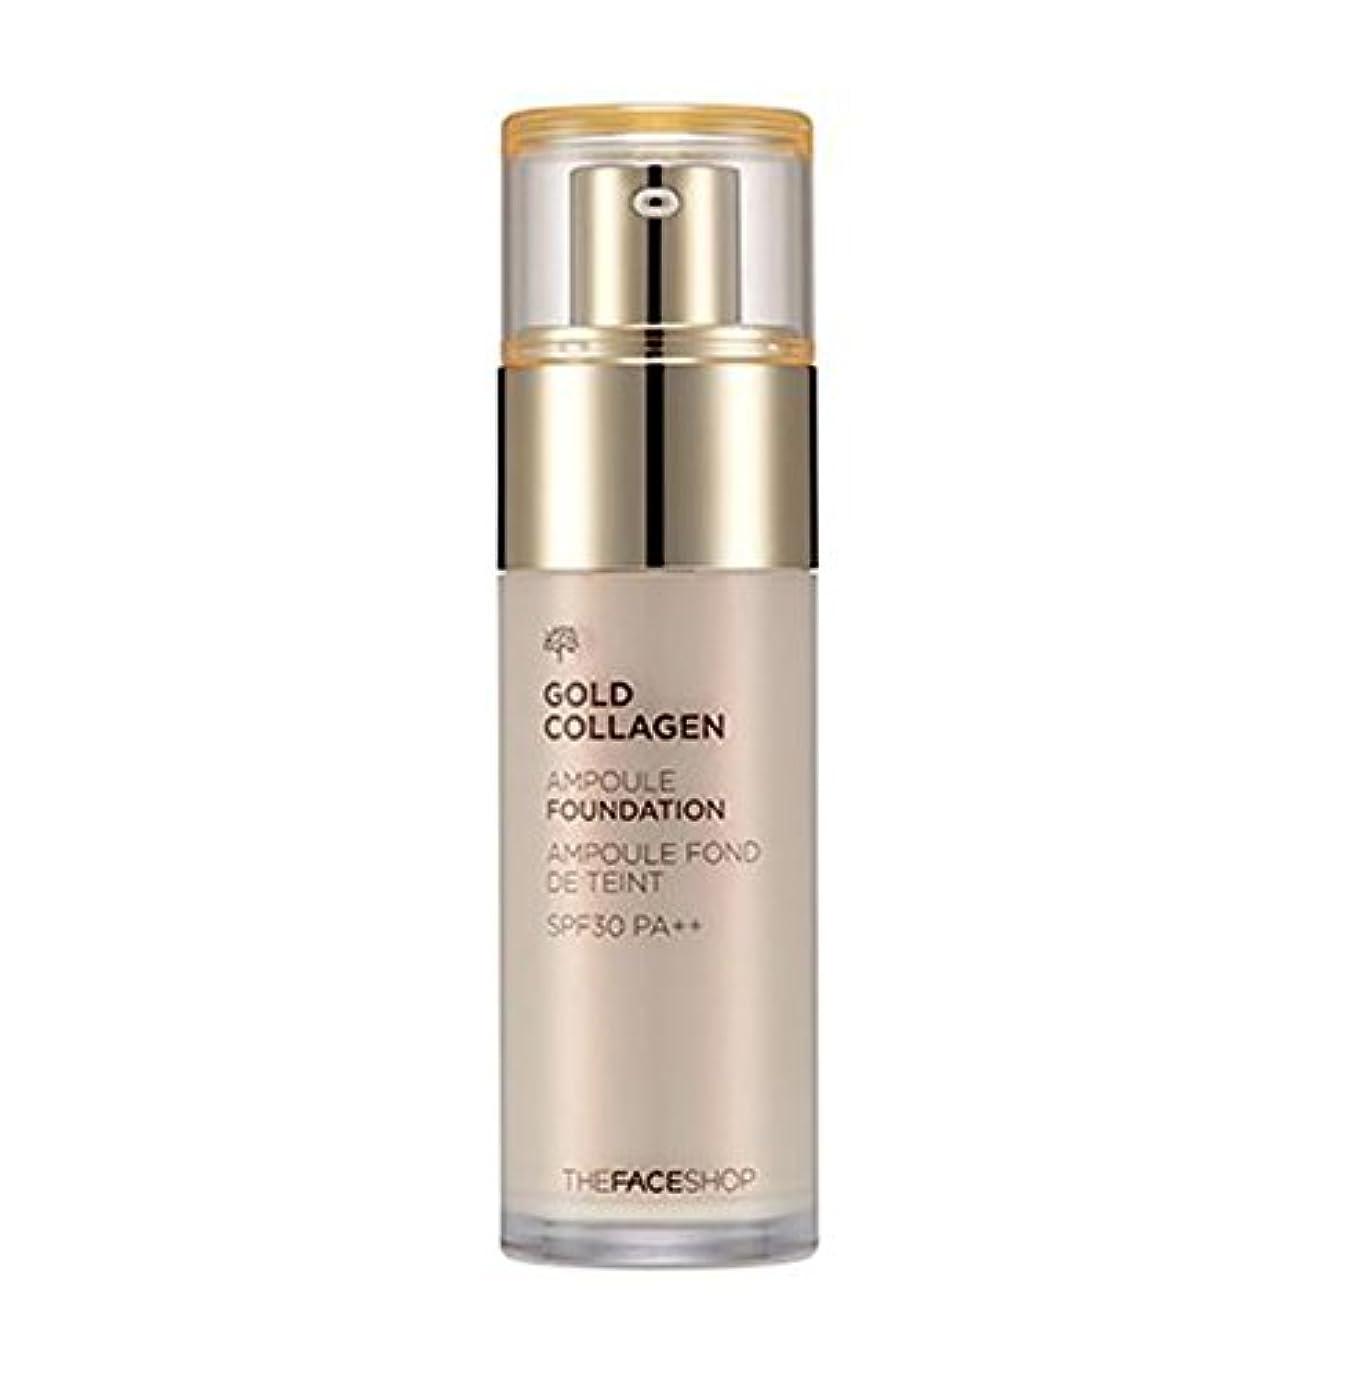 胚芽縮約演じる.ザ·フェイスショップ ゴールドコラーゲンアンプルファンデーションSPF30 PA +++ 40ml The Face Shop Gold Collagen Ampoule Foundation [海外直送品] (V201 アプリコットベージュ)